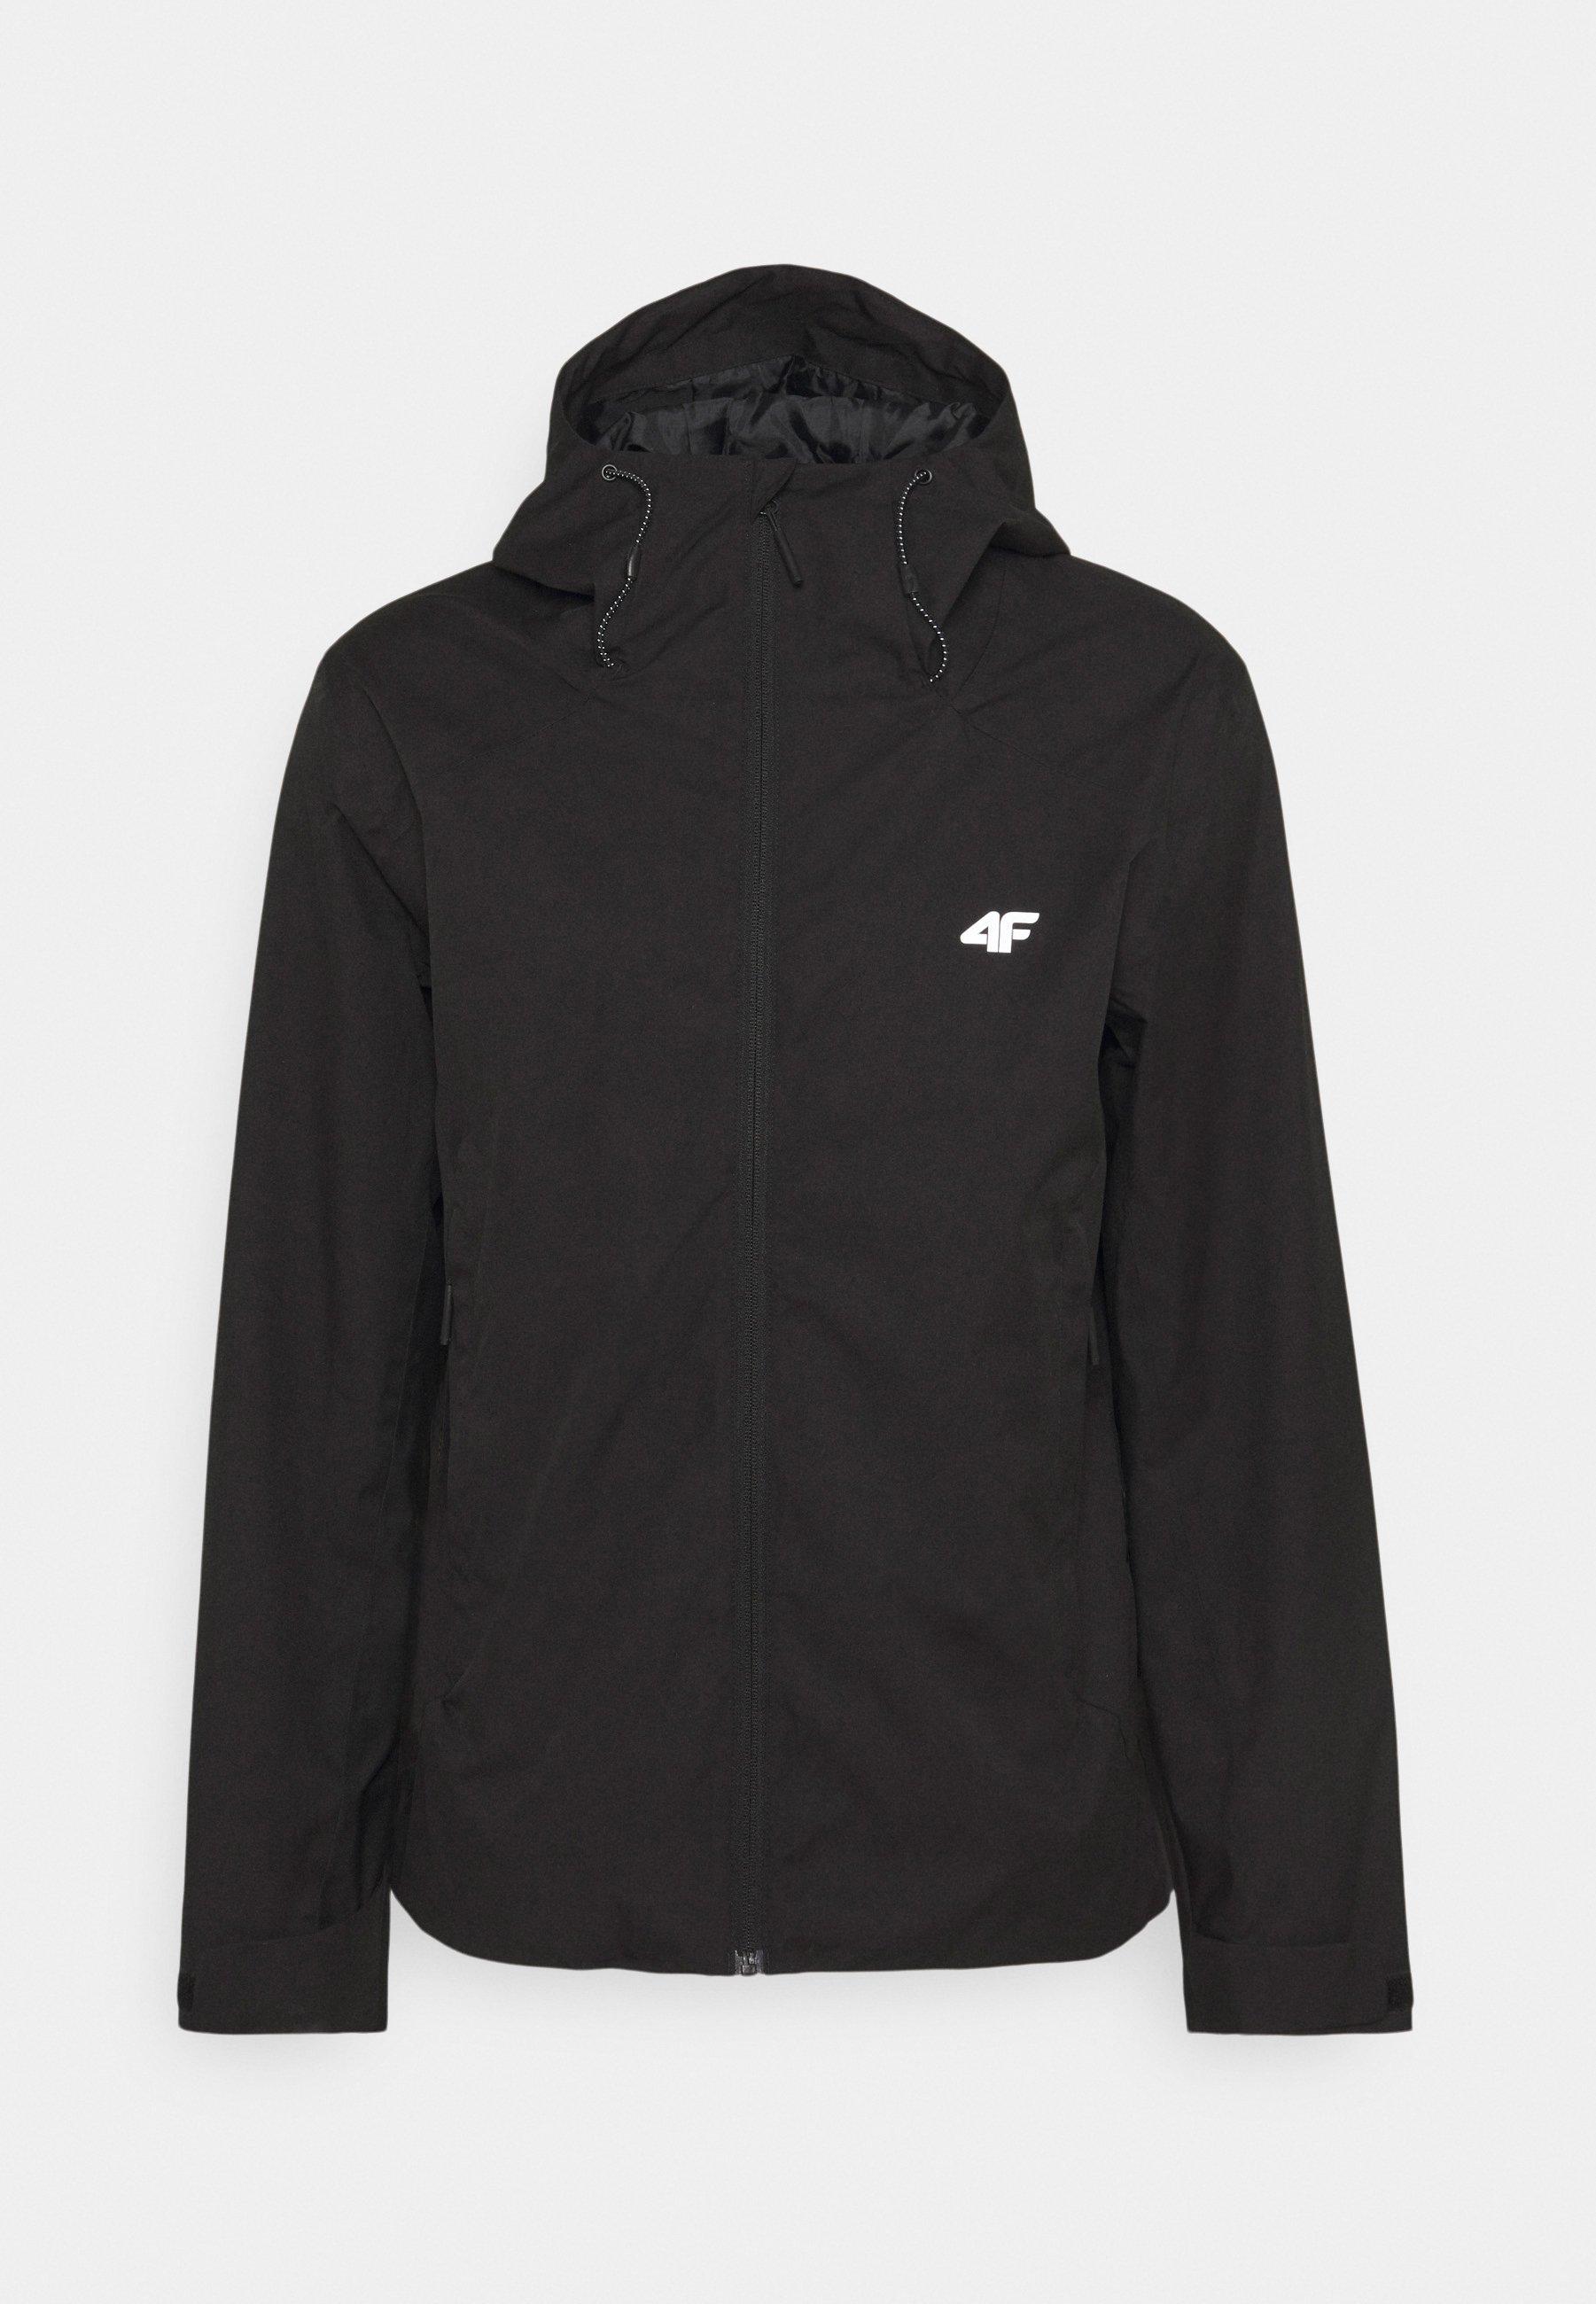 Men Men's urban jacket - Training jacket